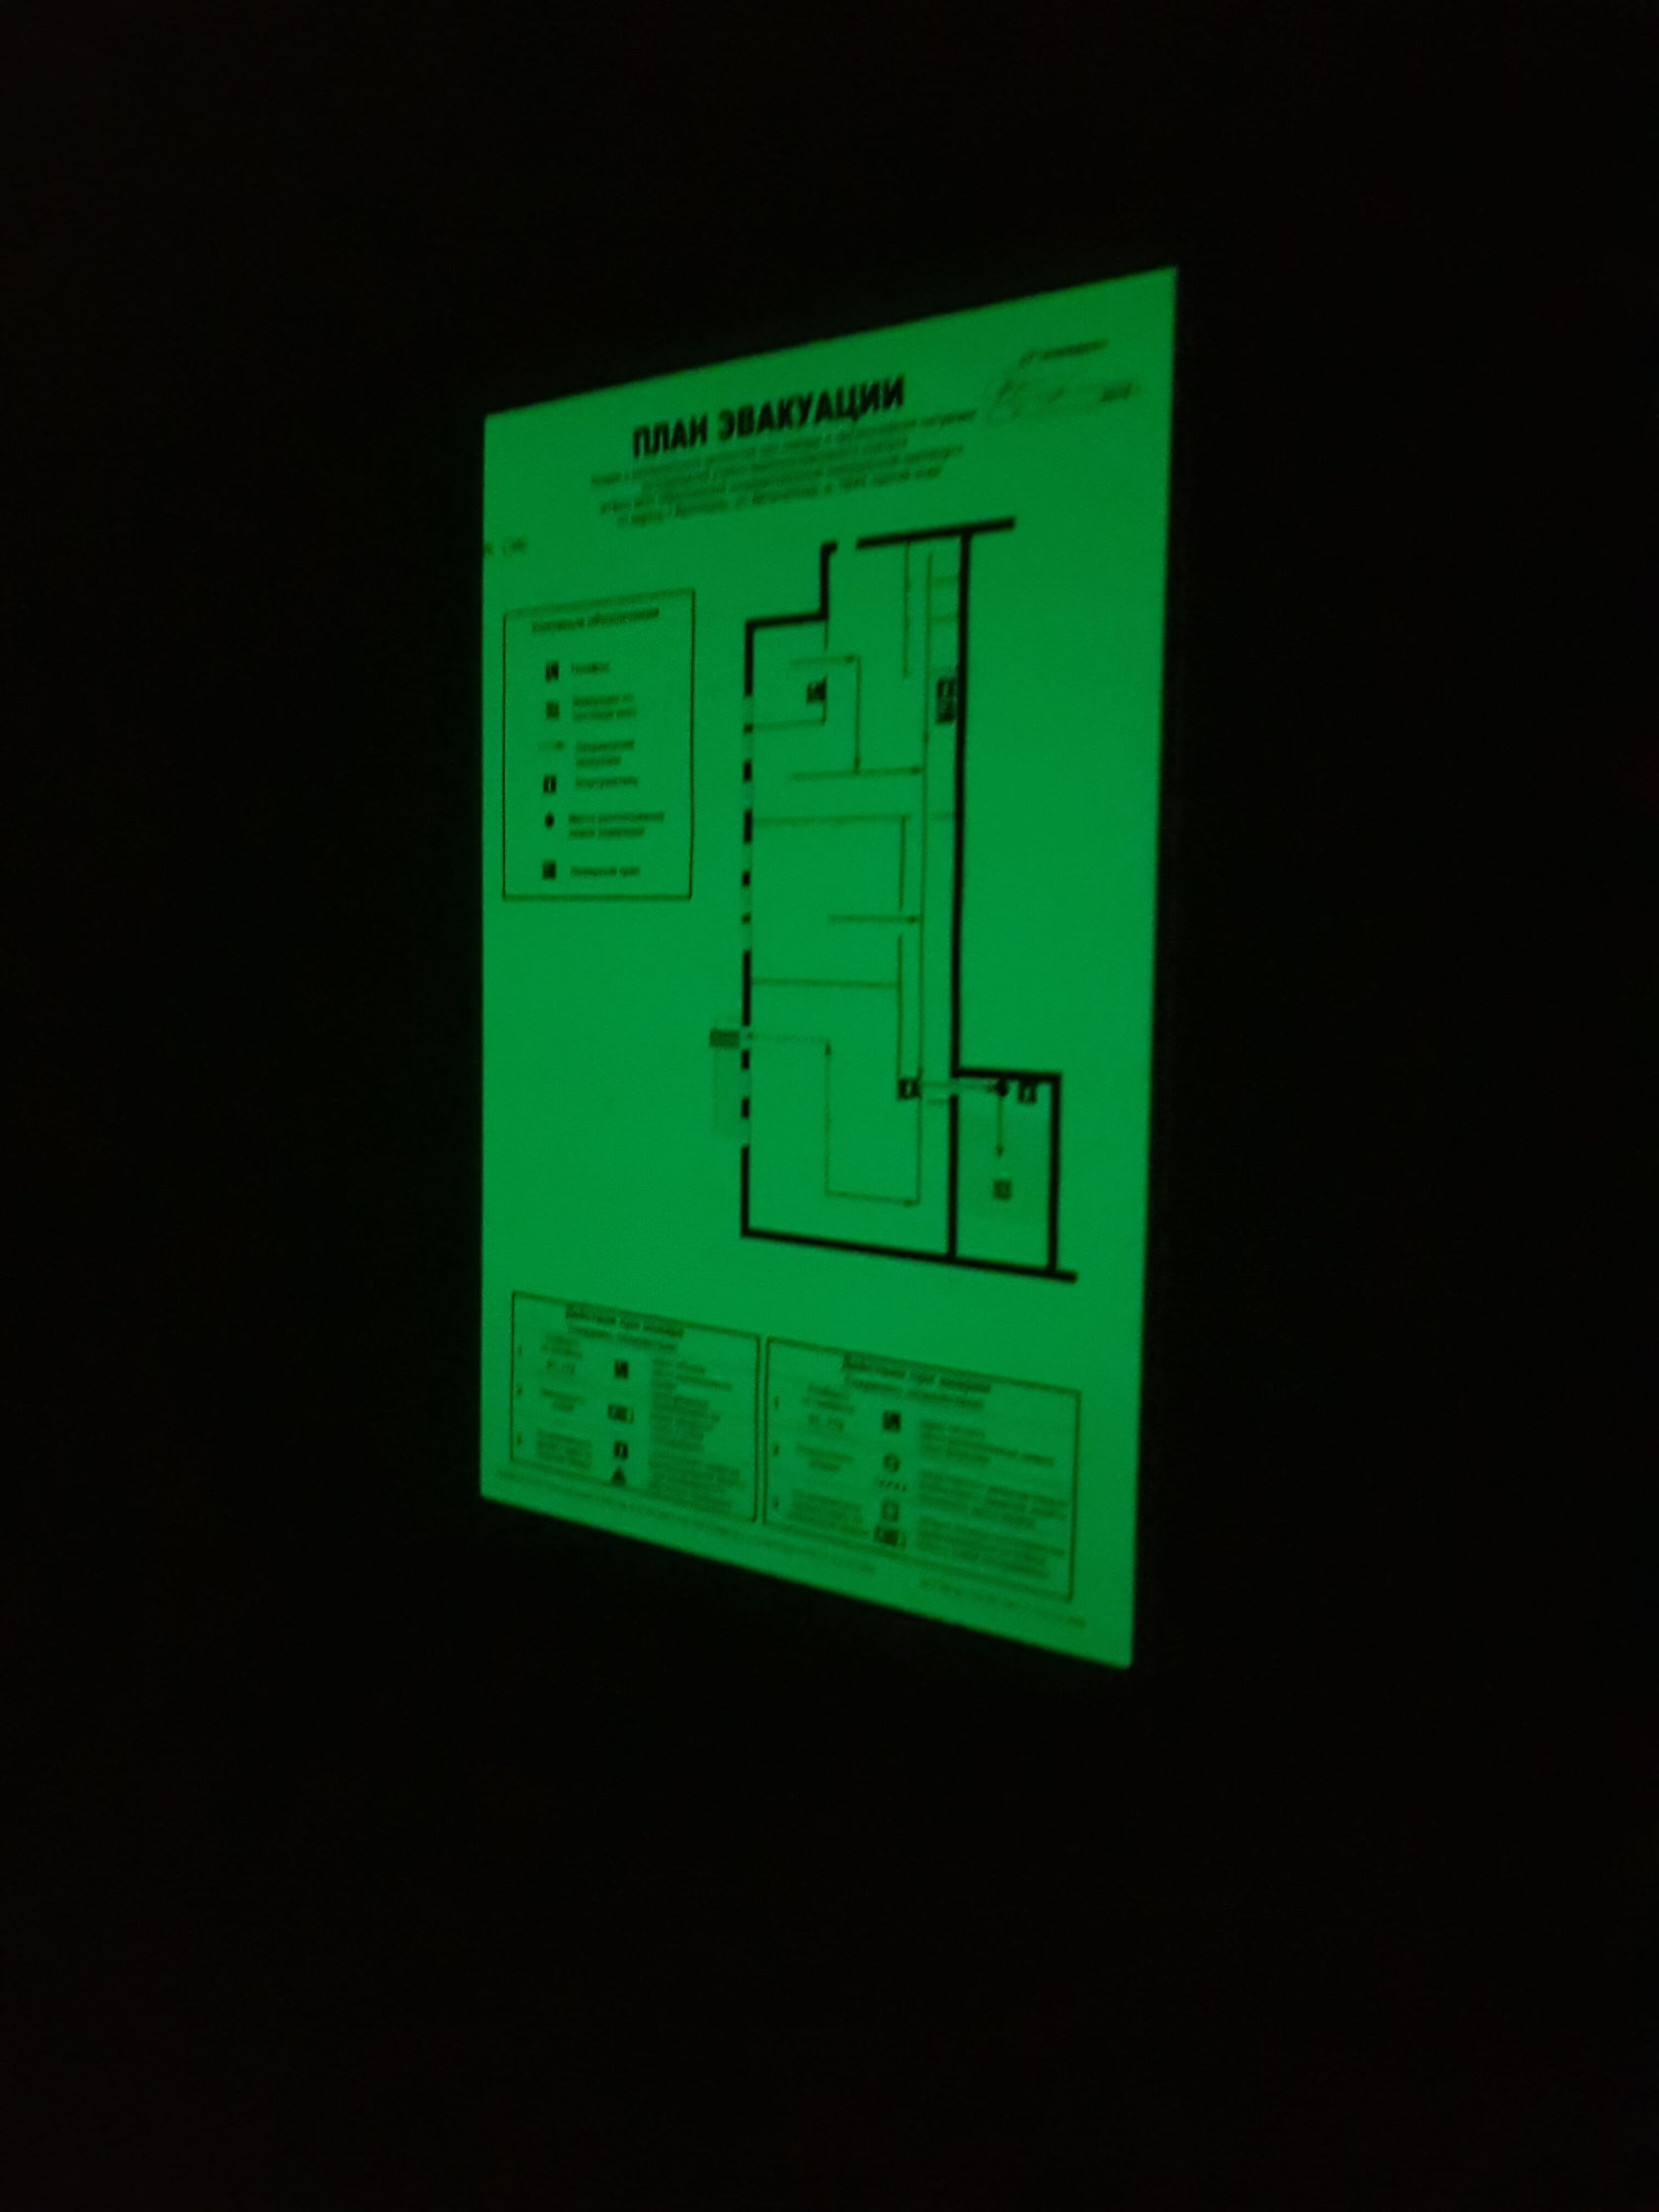 съемка это сро фотолюминесцентная эвакуационная система эту